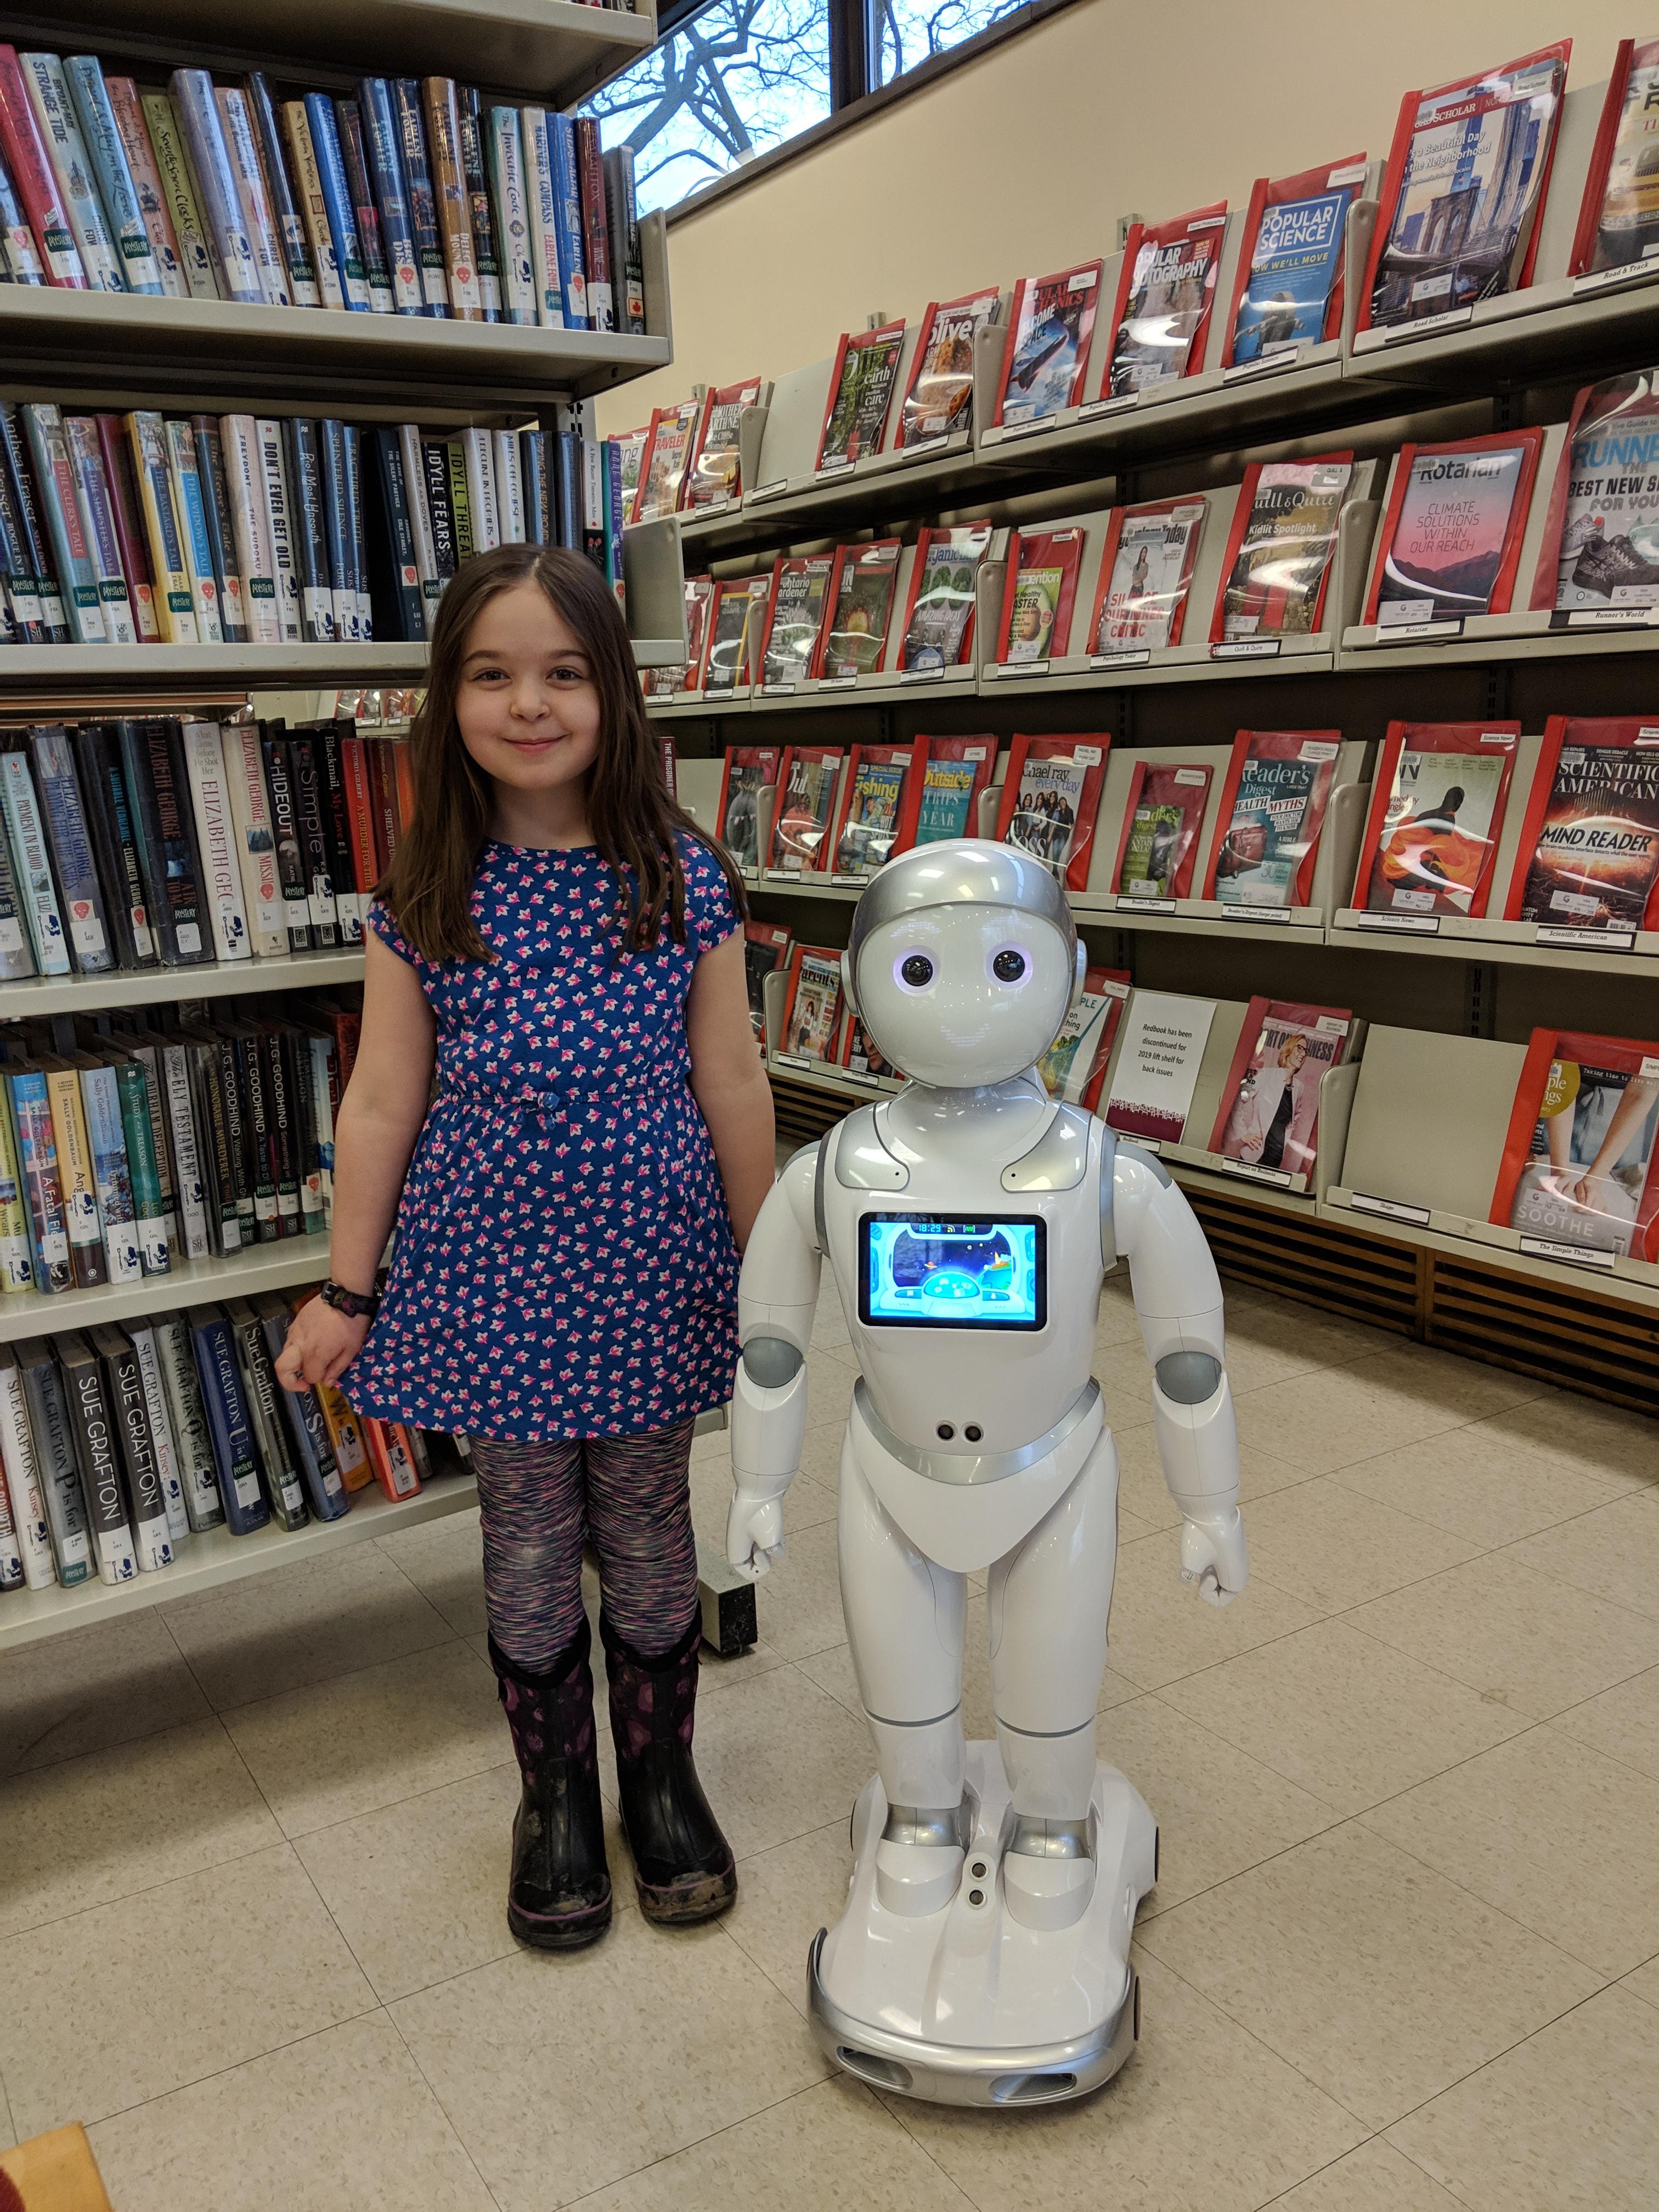 Meet Beepbot, the Library's New Robot Friend